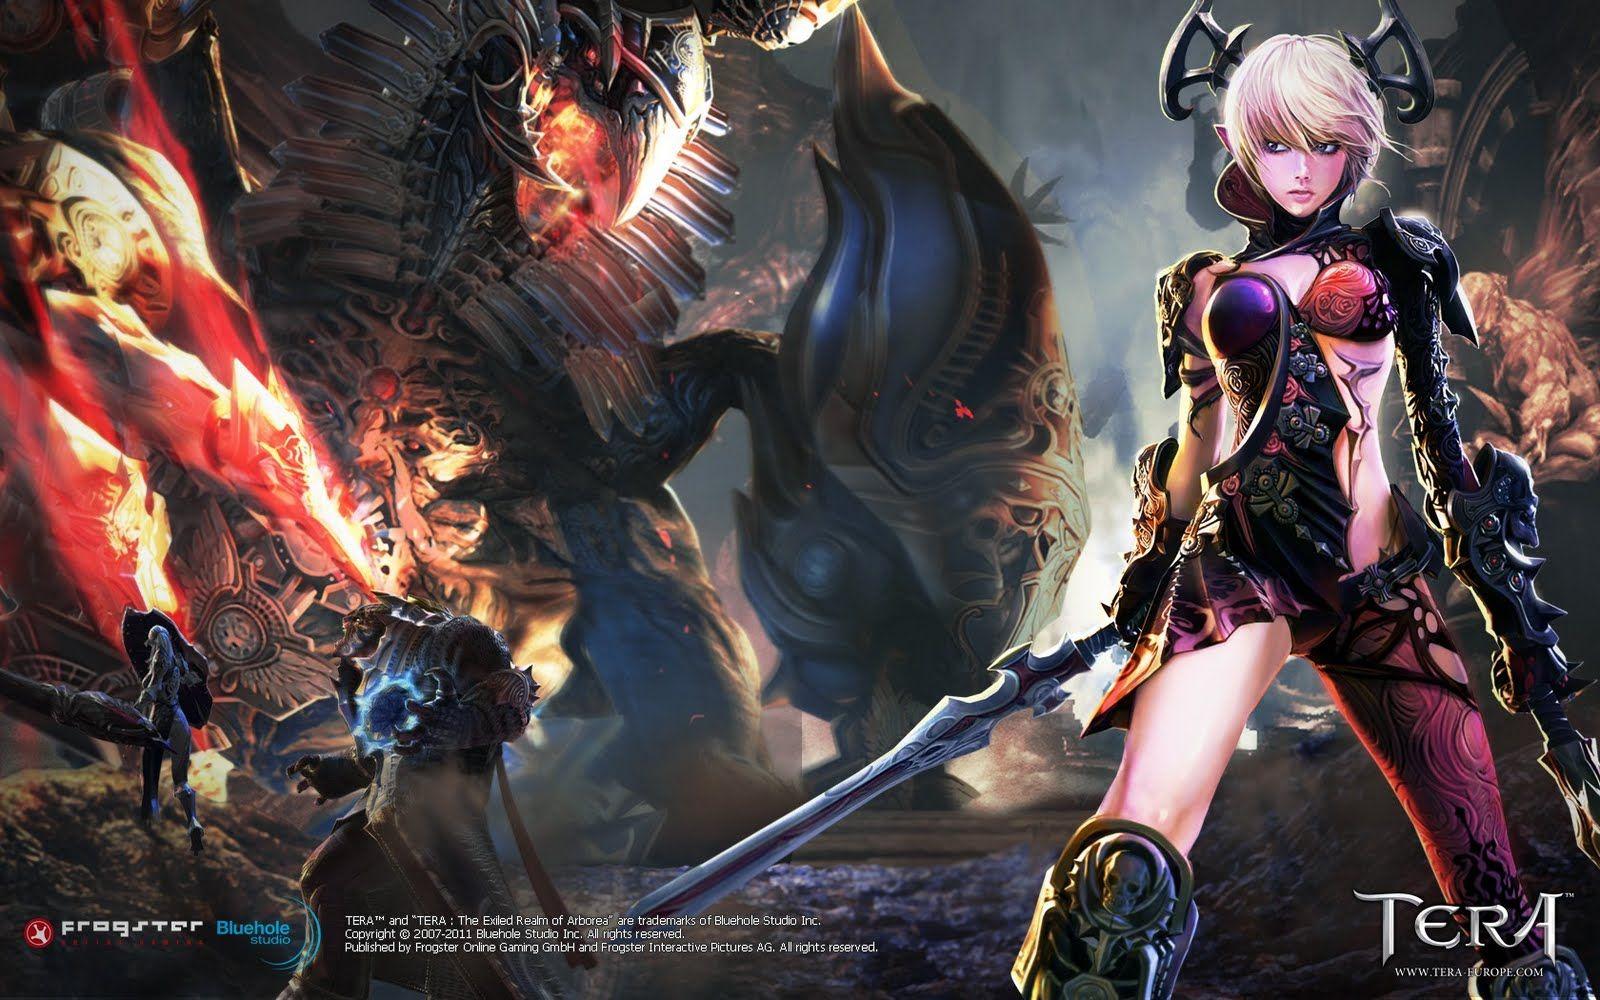 Pin By Pueshy Lueshy On Tera World Of Warcraft Gold Cool Games